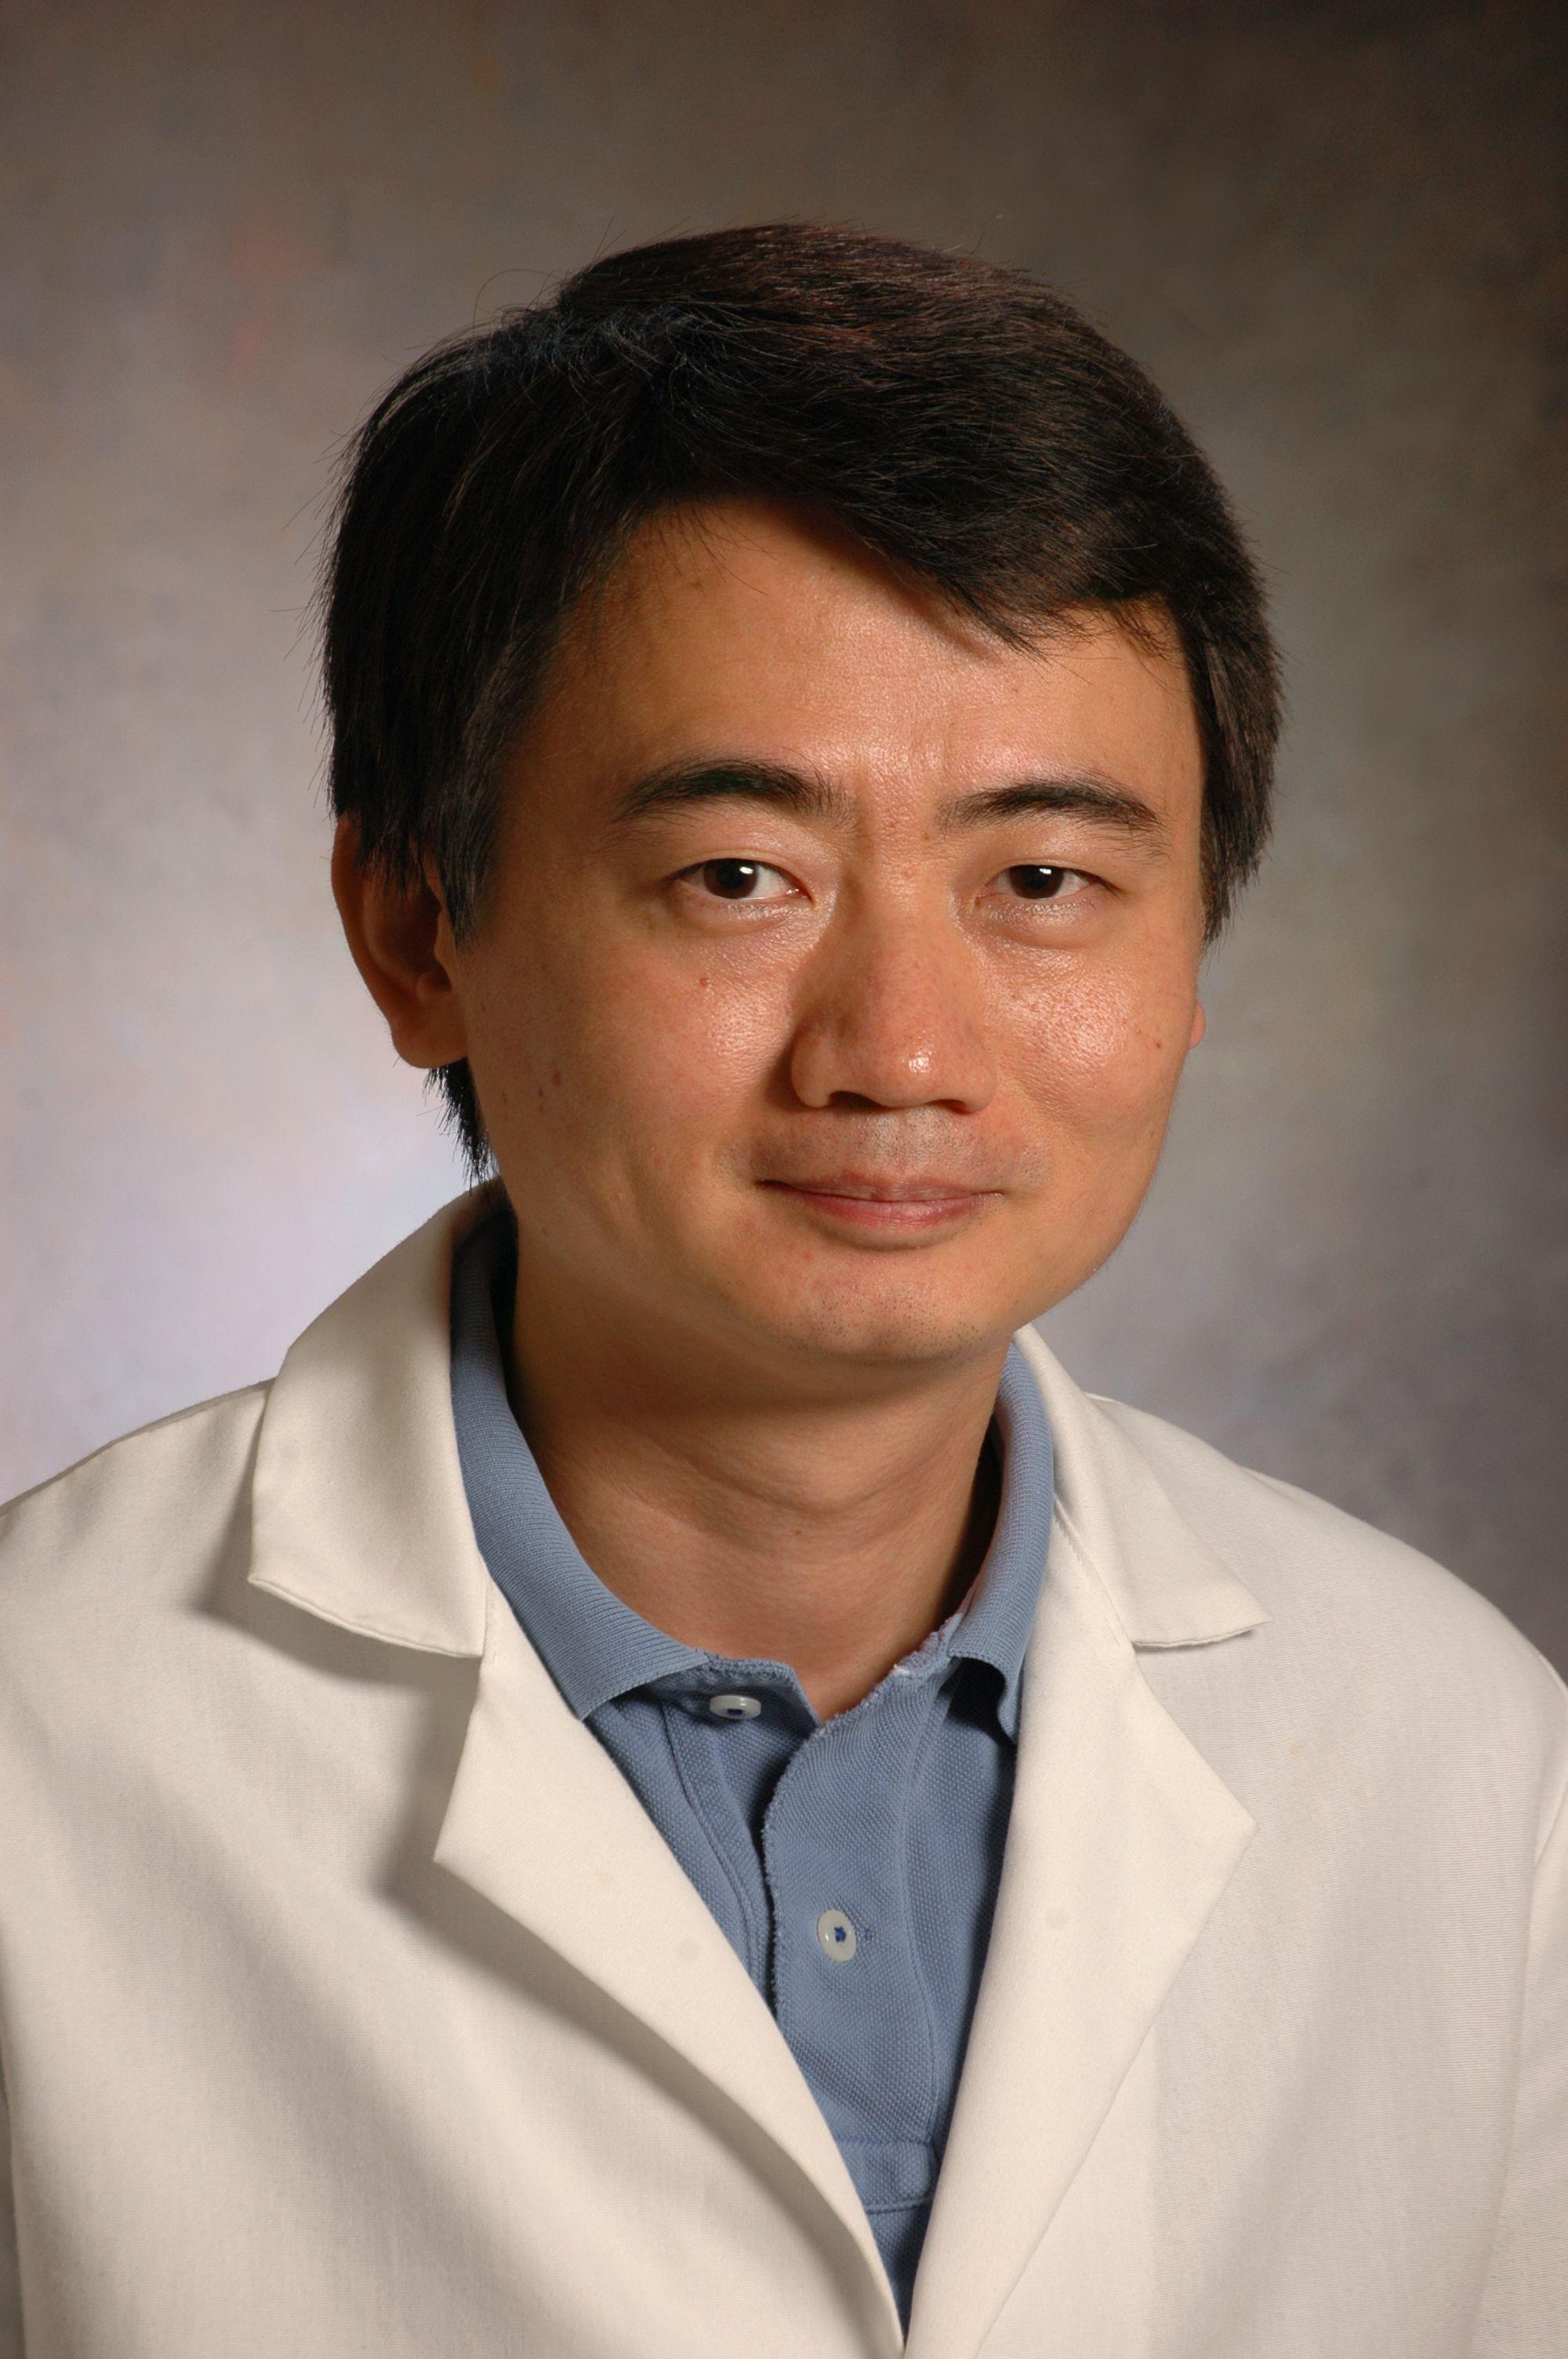 Portrait of Xiaoyang Wu